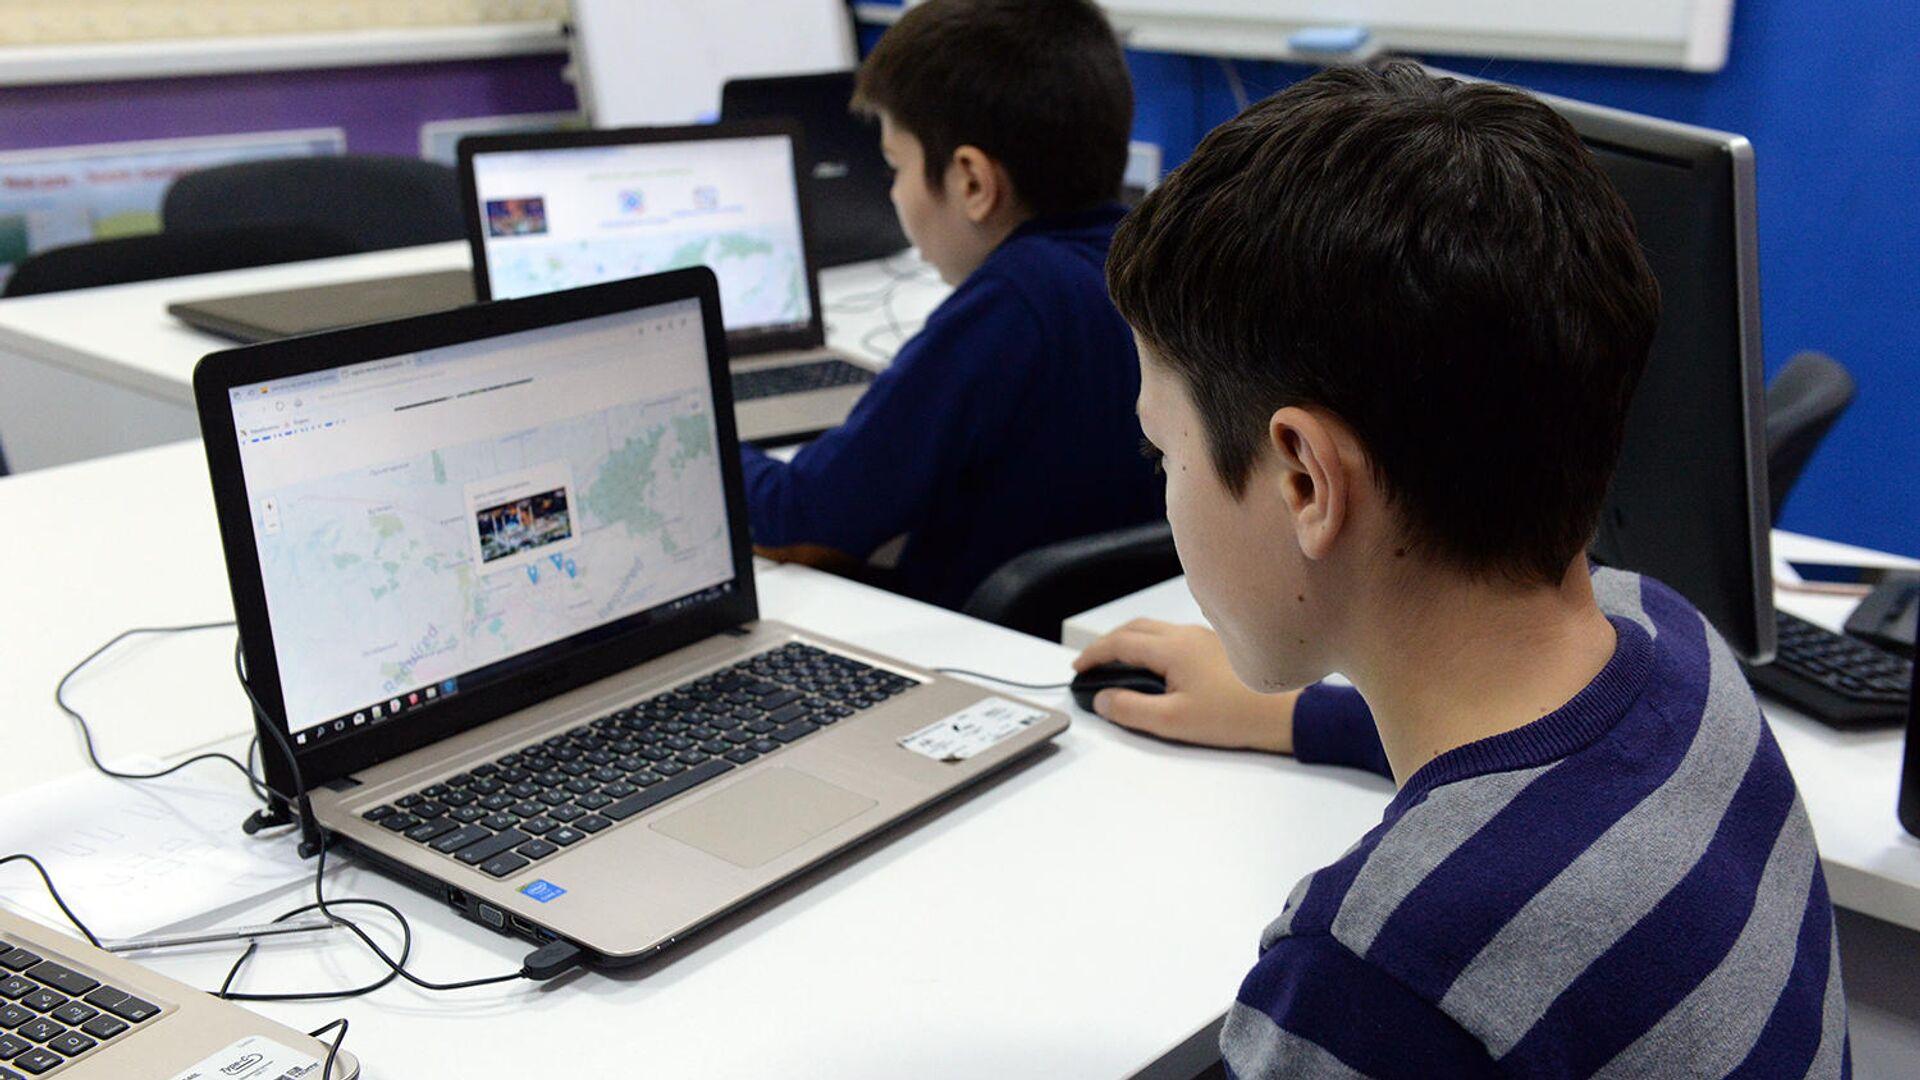 Завершился очередной этап конкурса цифровых волонтеров #УзнайМир - РИА Новости, 1920, 01.09.2021